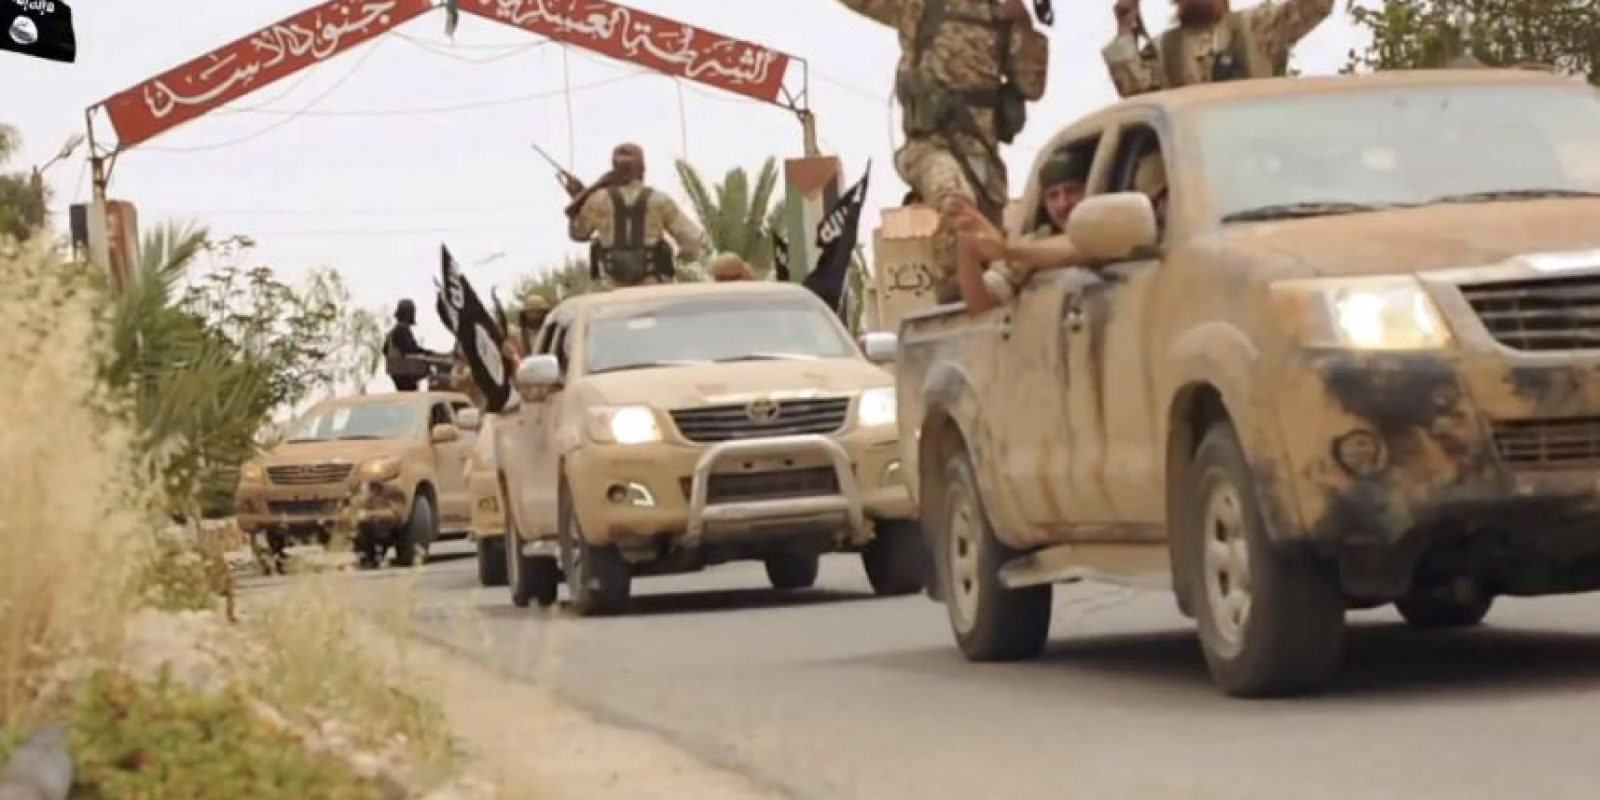 Al Qaeda a proveído la mayoría de las tropas para esta batalla. Foto:AFP